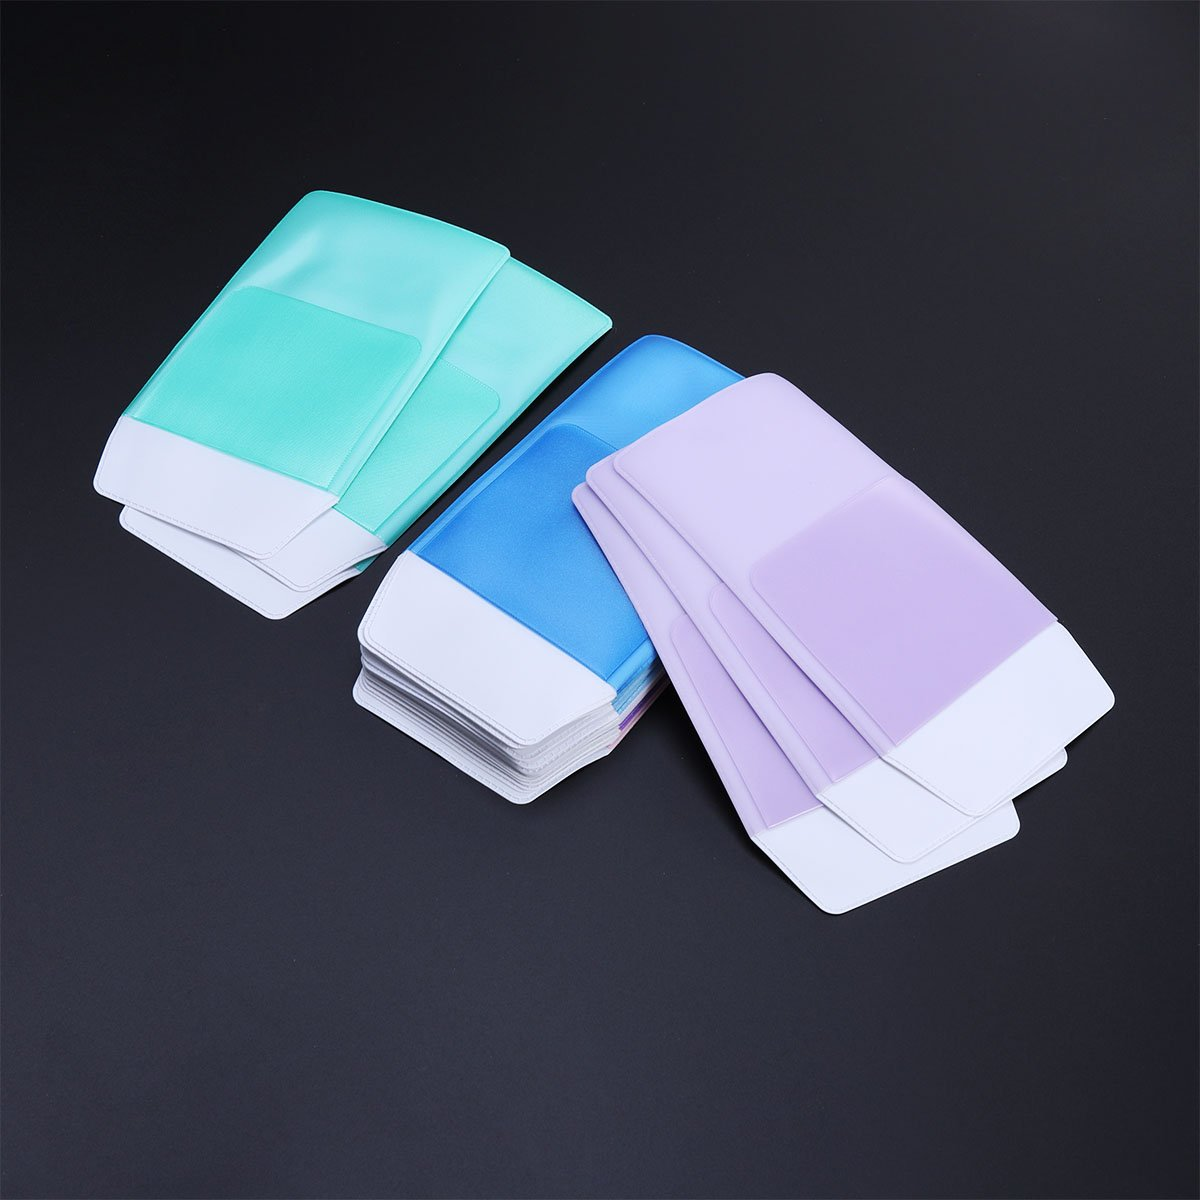 Toymytoy Pocket Protector pratico penna sacchetto classico scuola ospedale per ufficio per penna di tenuta 21PCS